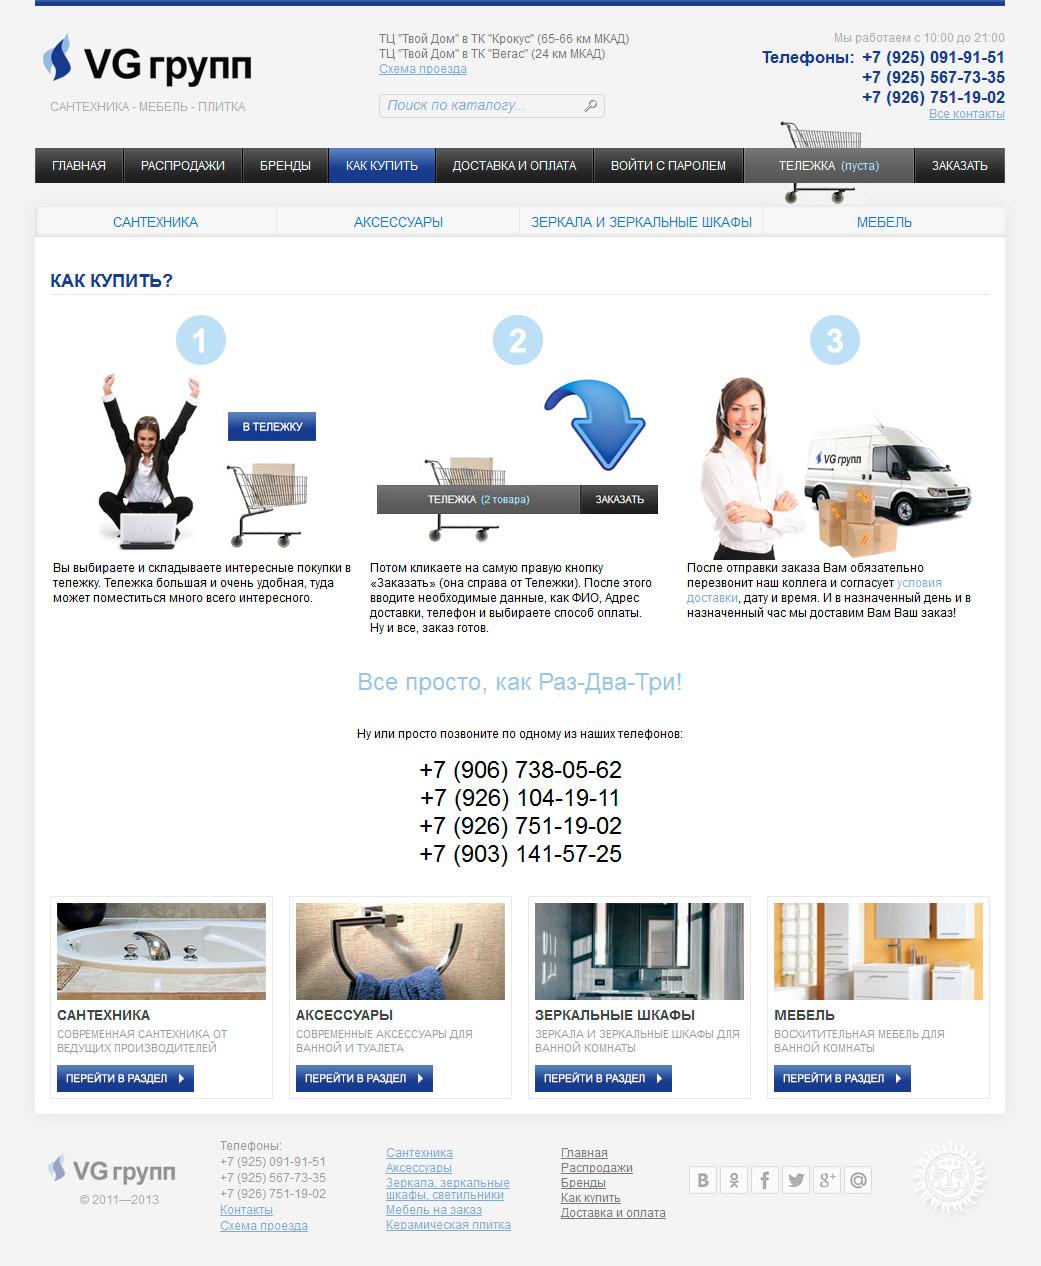 Страница с инфографикой о легкости совершения покупок